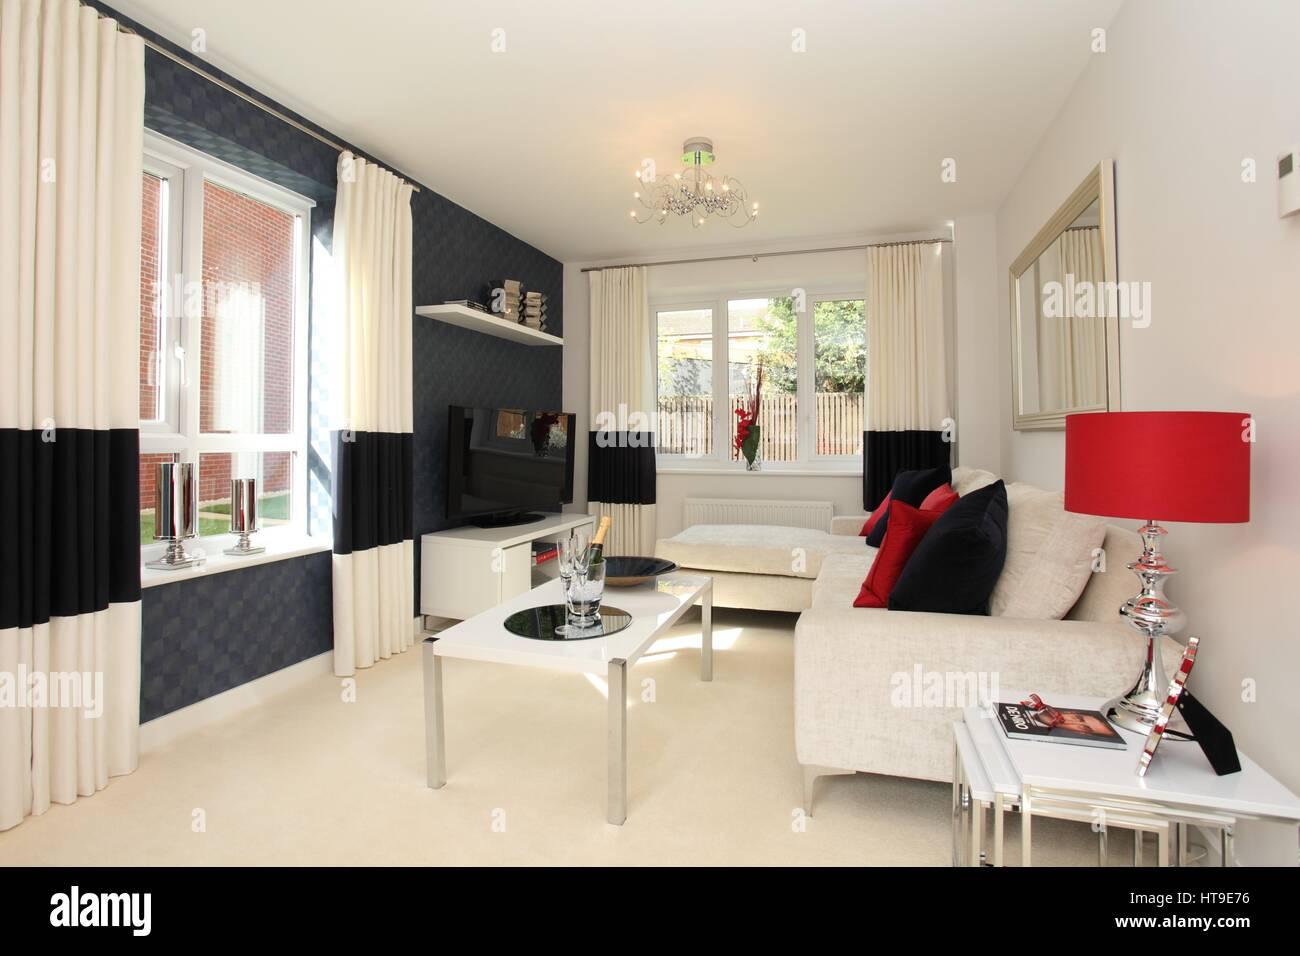 Home Interior Living Room Cream Sofa Blue Grey Wall